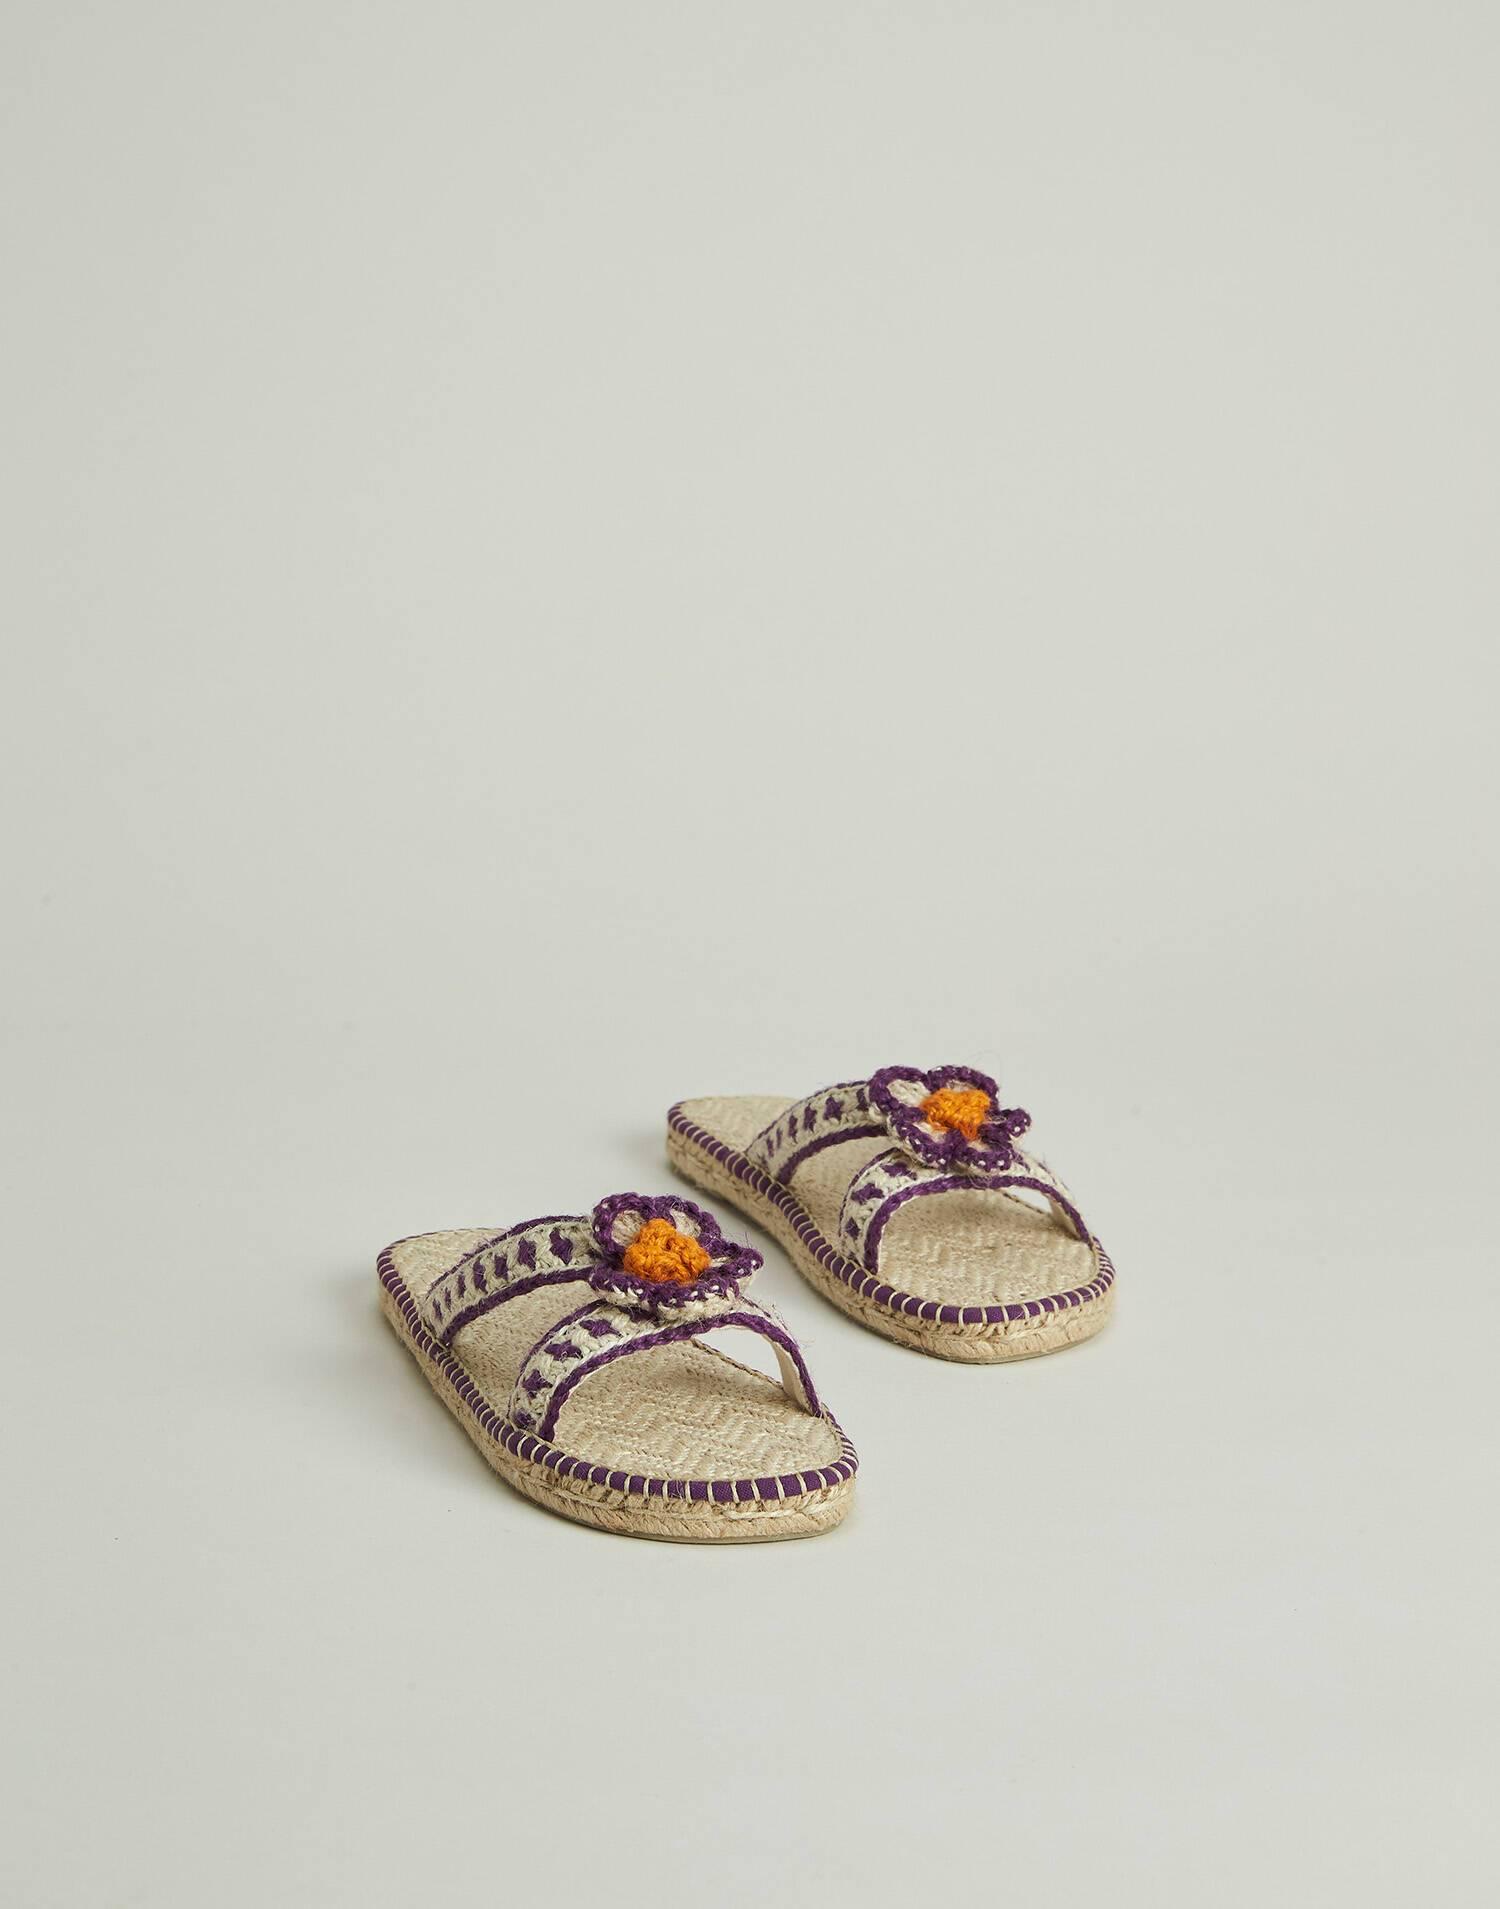 Sandalia cáñamo margarita crochet